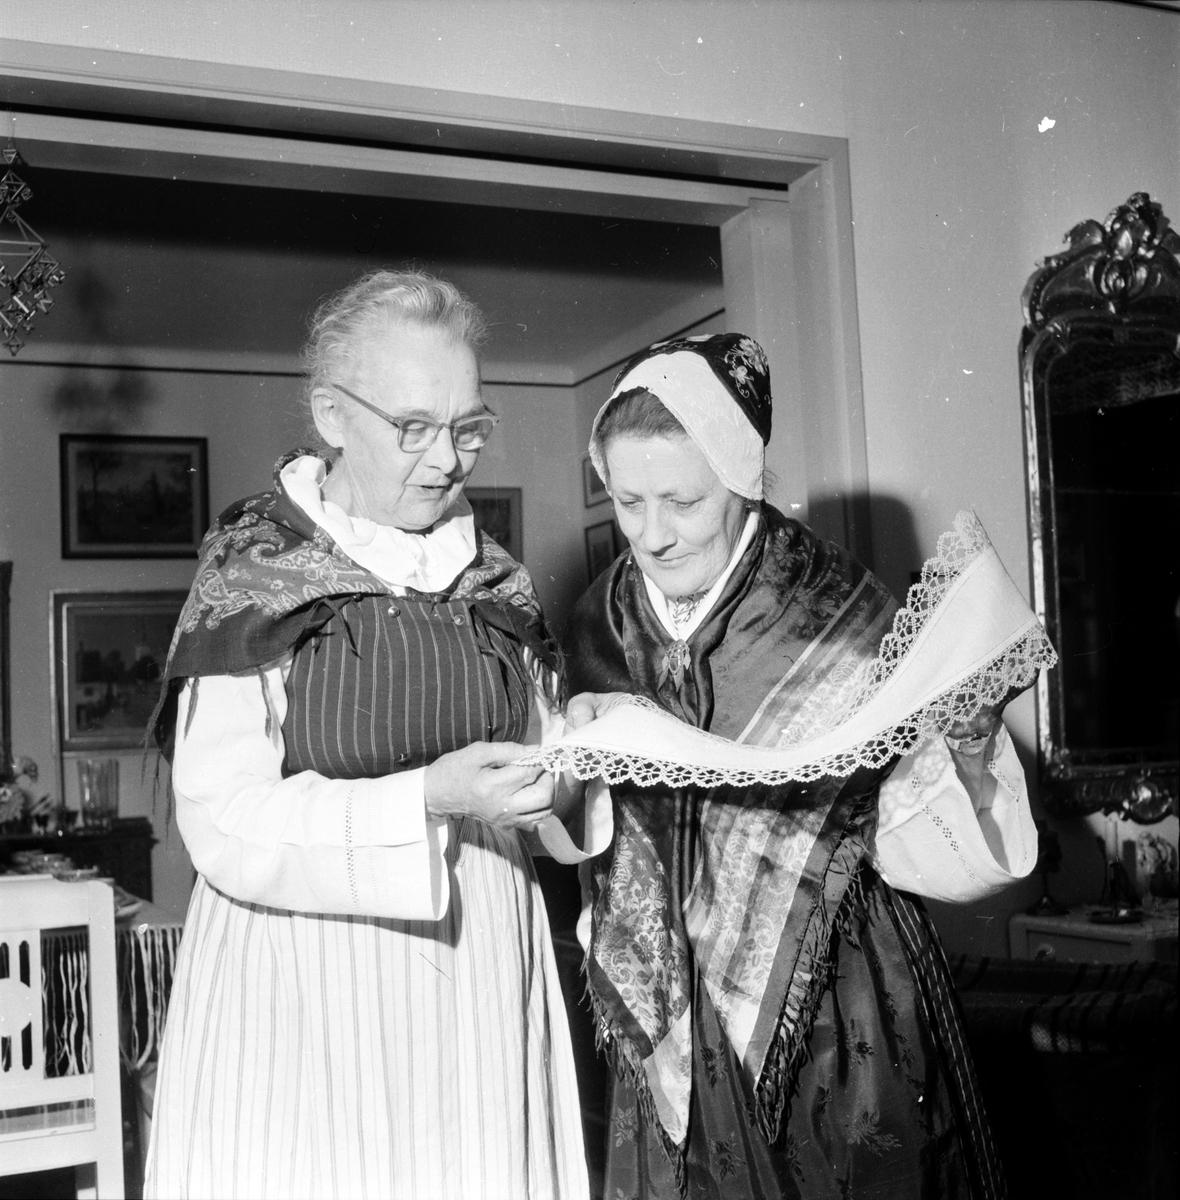 Bollnäsdräkten, Uppvaktning hos Sigfrid o Stina Ekman, 16 November 1960, Inf. 1 December 1960